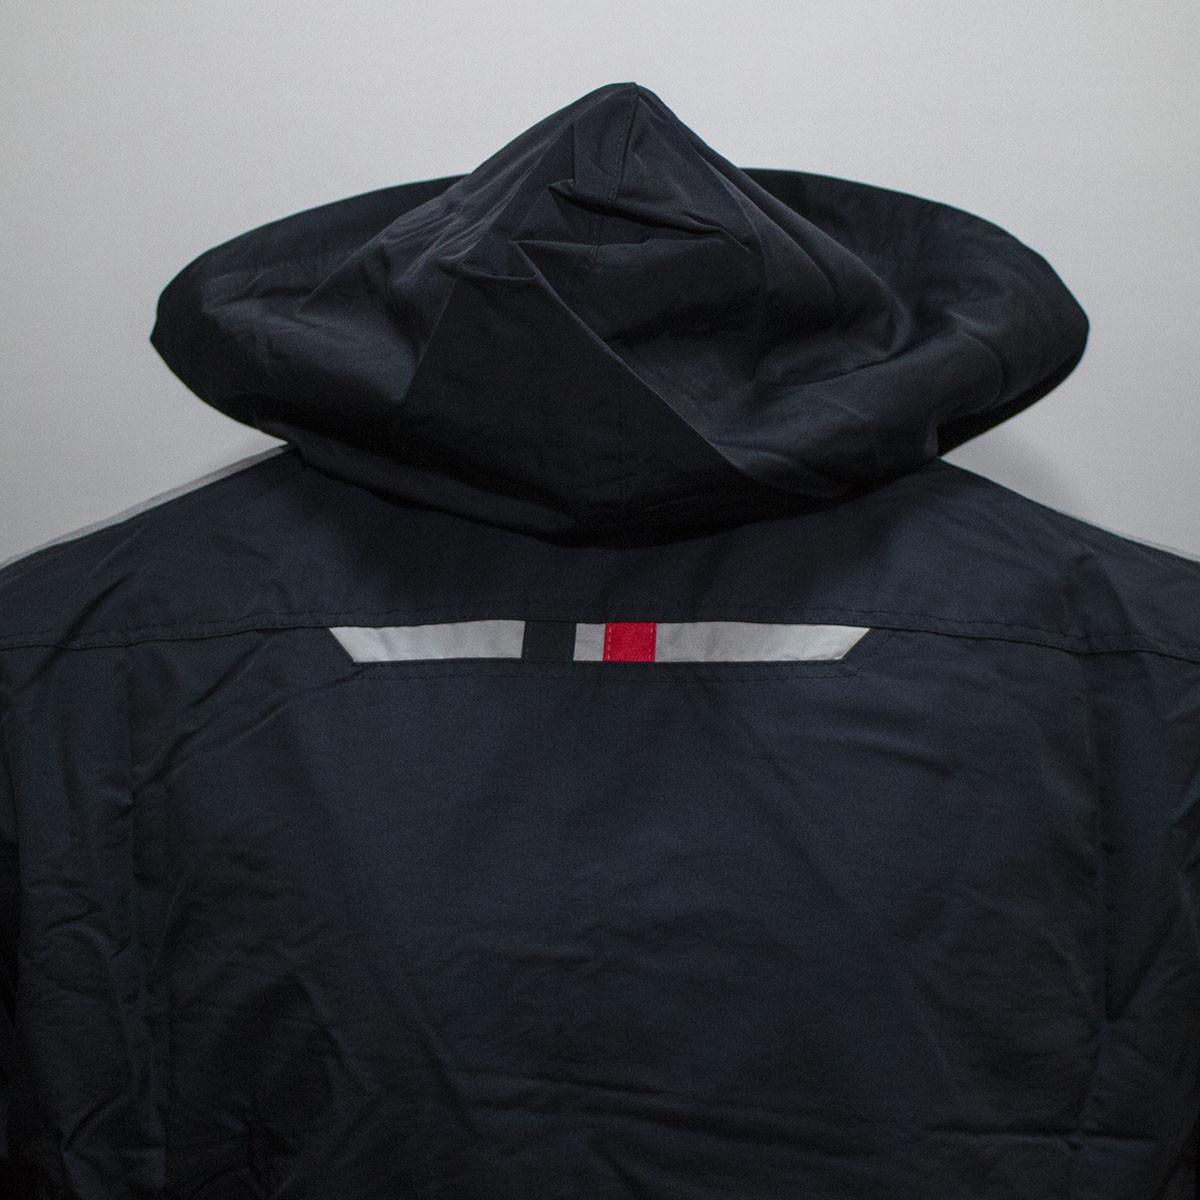 Fore 4029, фото 3 Мужской теплый спортивный костюм плащевка на флисе т.м.  Fore 4029, фото 4 548b3675efe